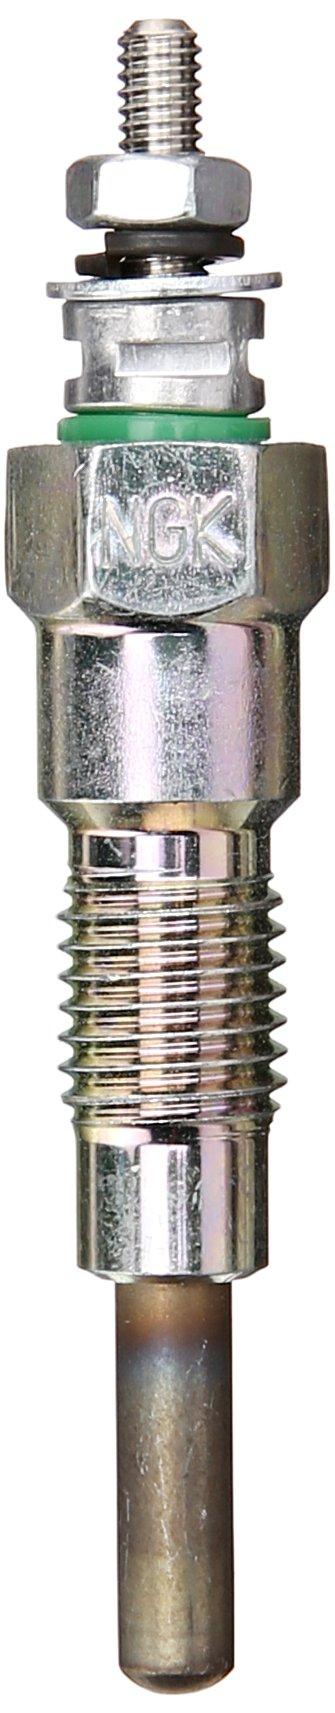 NGK (4646) Y-314 Diesel Glow Plug, Pack of 1